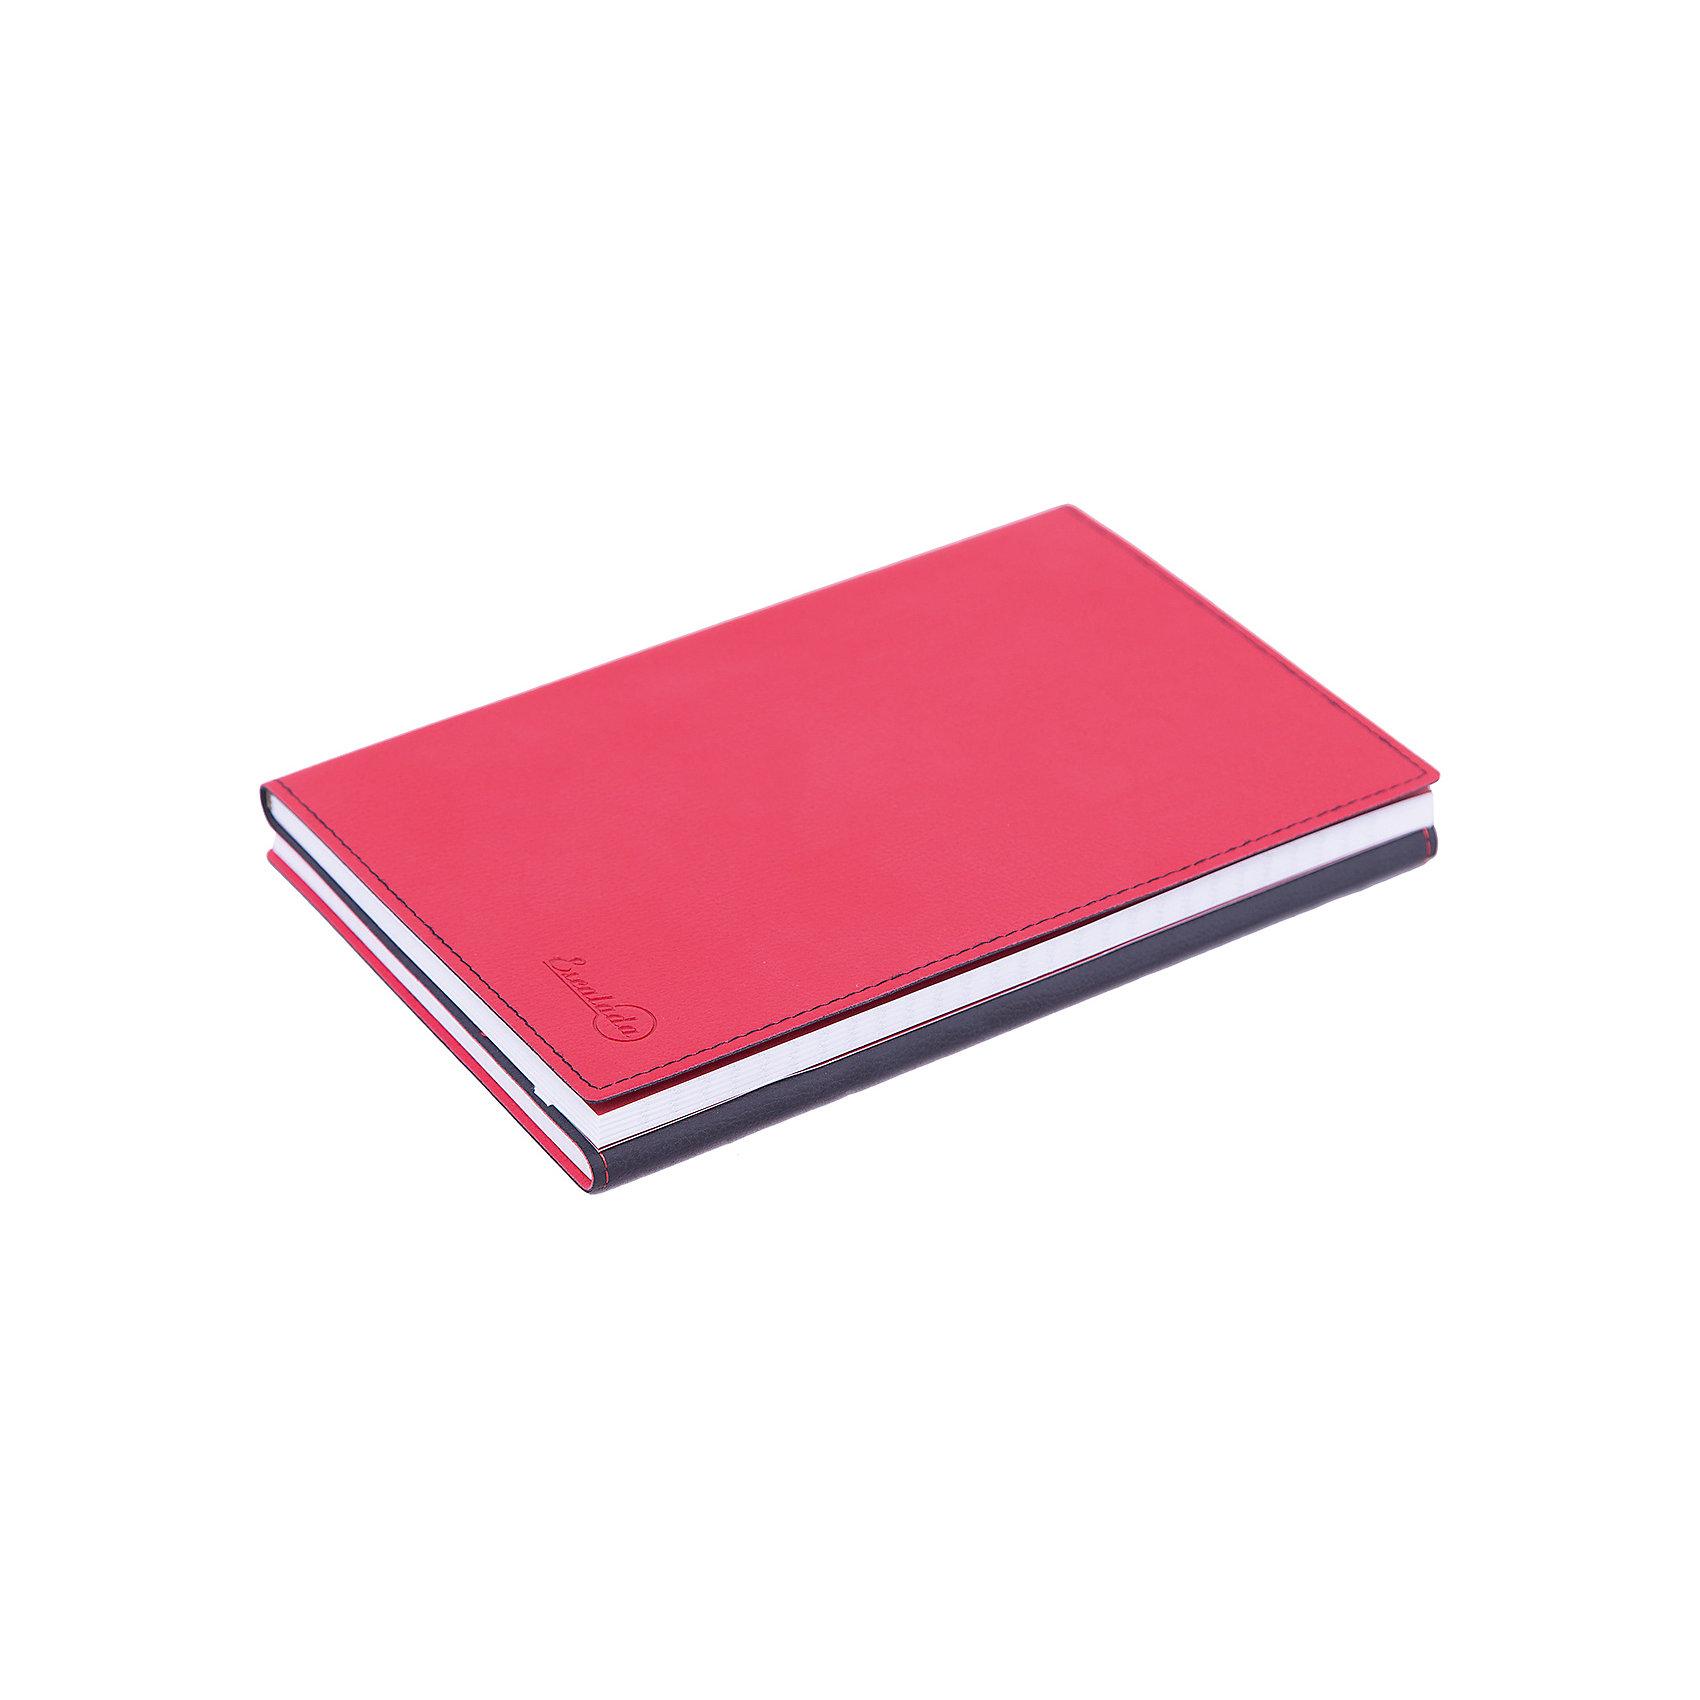 Записная книга 2 в 1 Феникс+, черно-красныйБумажная продукция<br>Записная книга Копибук 2 в 1  ЧЕРНО-КРАСНЫЙ (А5, 145х213мм, мягк. переплет, 320 стр., офсет, печать блока в одну краску, запеч. форз. пантоном. Сочет. двух контраст. переплетных материалов, обл. декорир. отстрочкой)<br><br>Ширина мм: 215<br>Глубина мм: 145<br>Высота мм: 20<br>Вес г: 440<br>Возраст от месяцев: 72<br>Возраст до месяцев: 2147483647<br>Пол: Унисекс<br>Возраст: Детский<br>SKU: 7046199